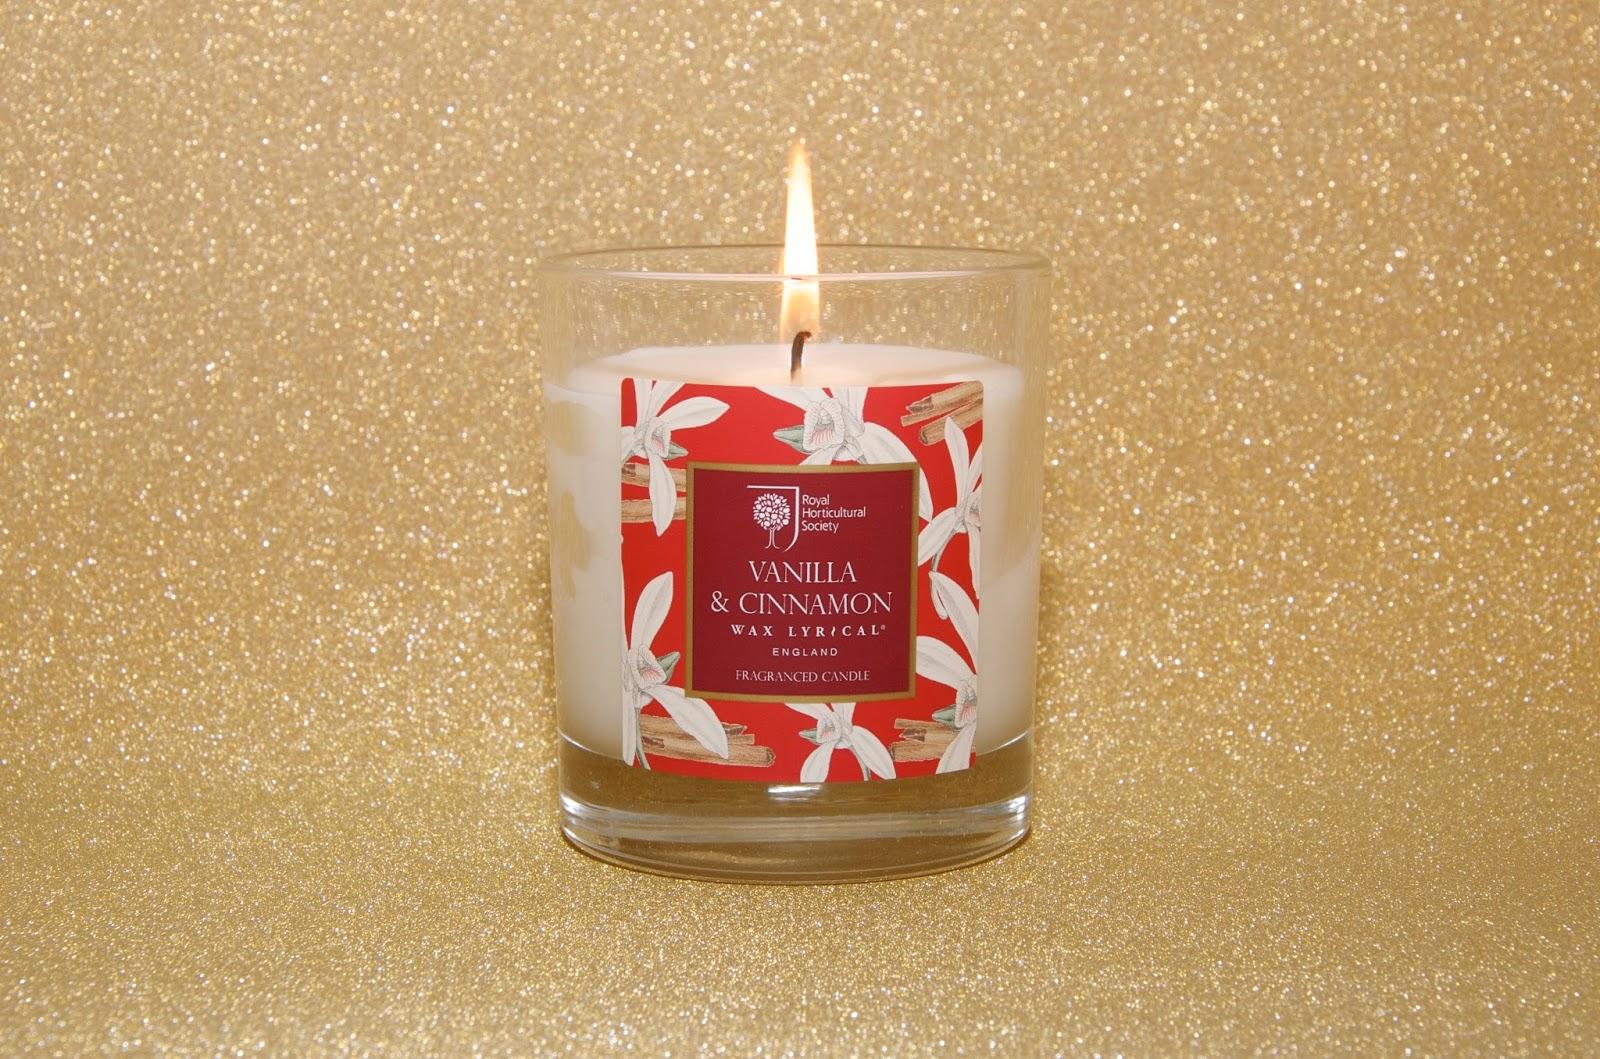 Vanilla and Cinnamon RHS Christmas Candle